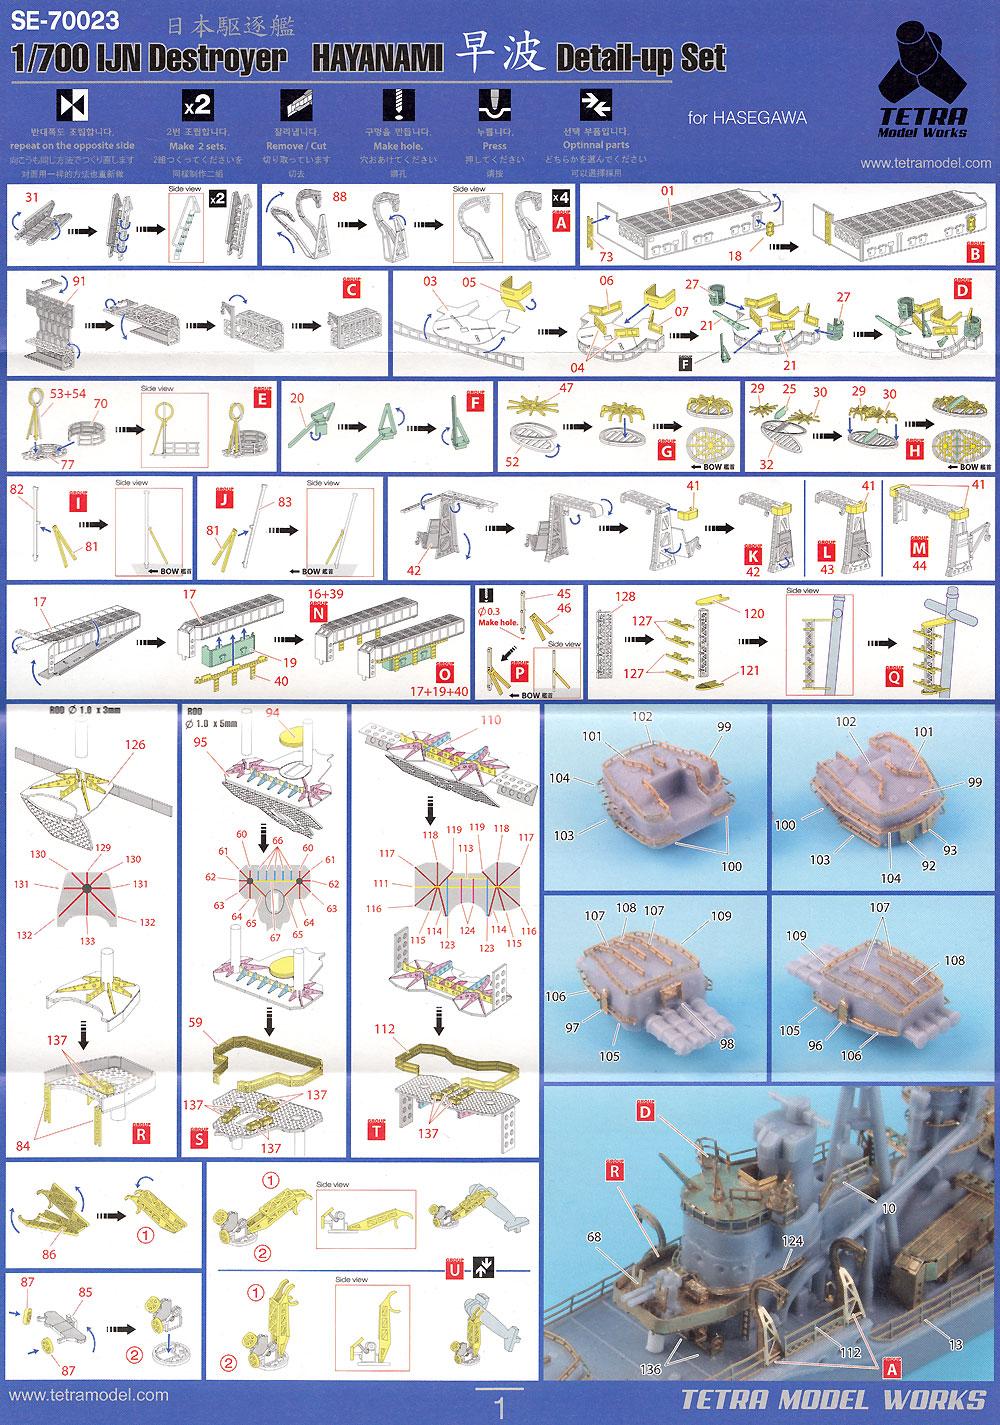 日本海軍 駆逐艦 早波 ディテールアップ (ハセガワ用)エッチング(テトラモデルワークス艦船 アクセサリーパーツNo.SE-70023)商品画像_2